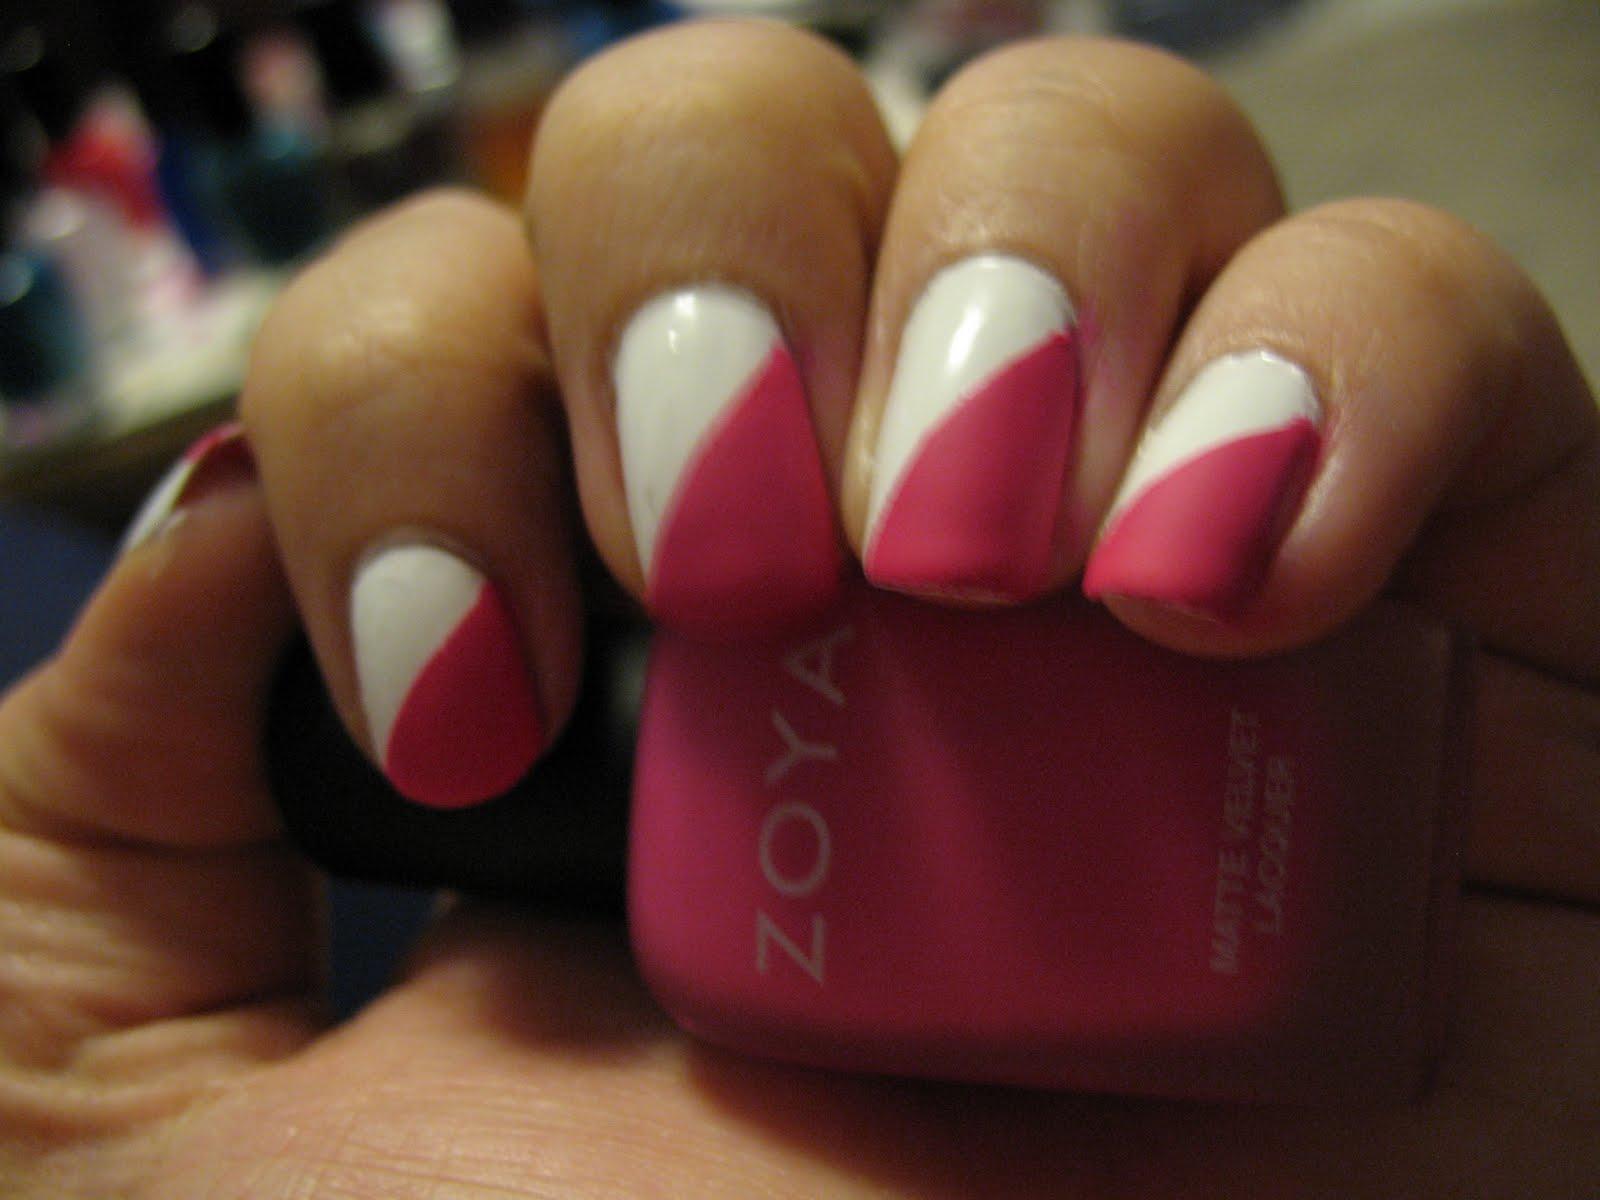 An Angled French nail art #nailart #makup #Angled_French_nail | يباب.كوم